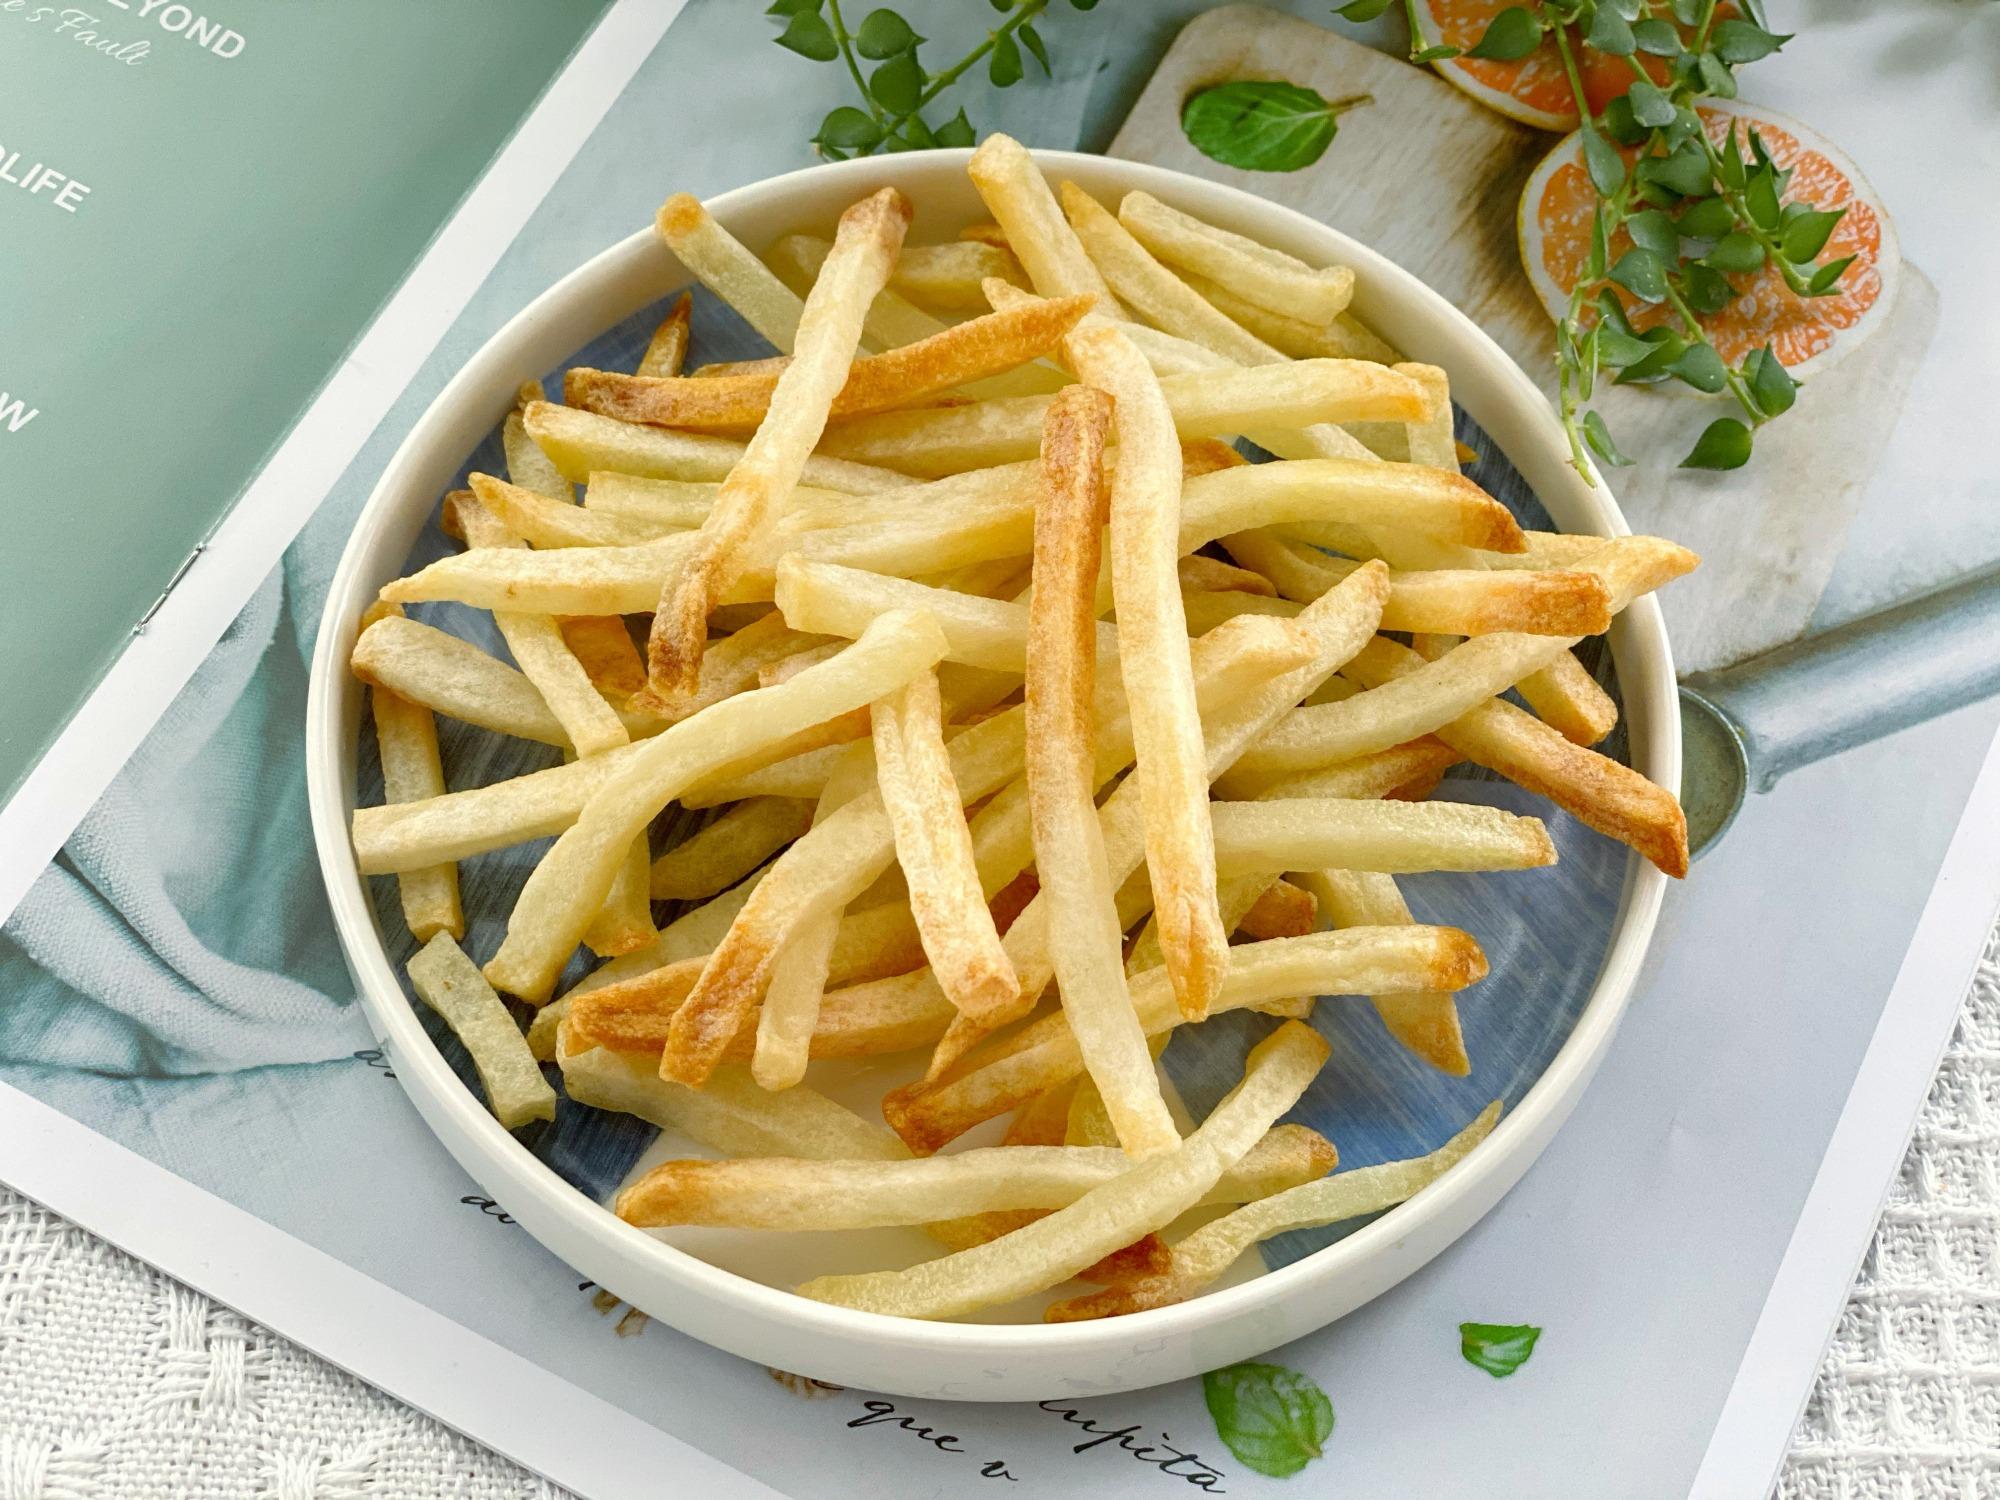 上海找代孕的论坛:想吃薯条自己做,不用油炸更省事,香酥美味吃了不胖又健